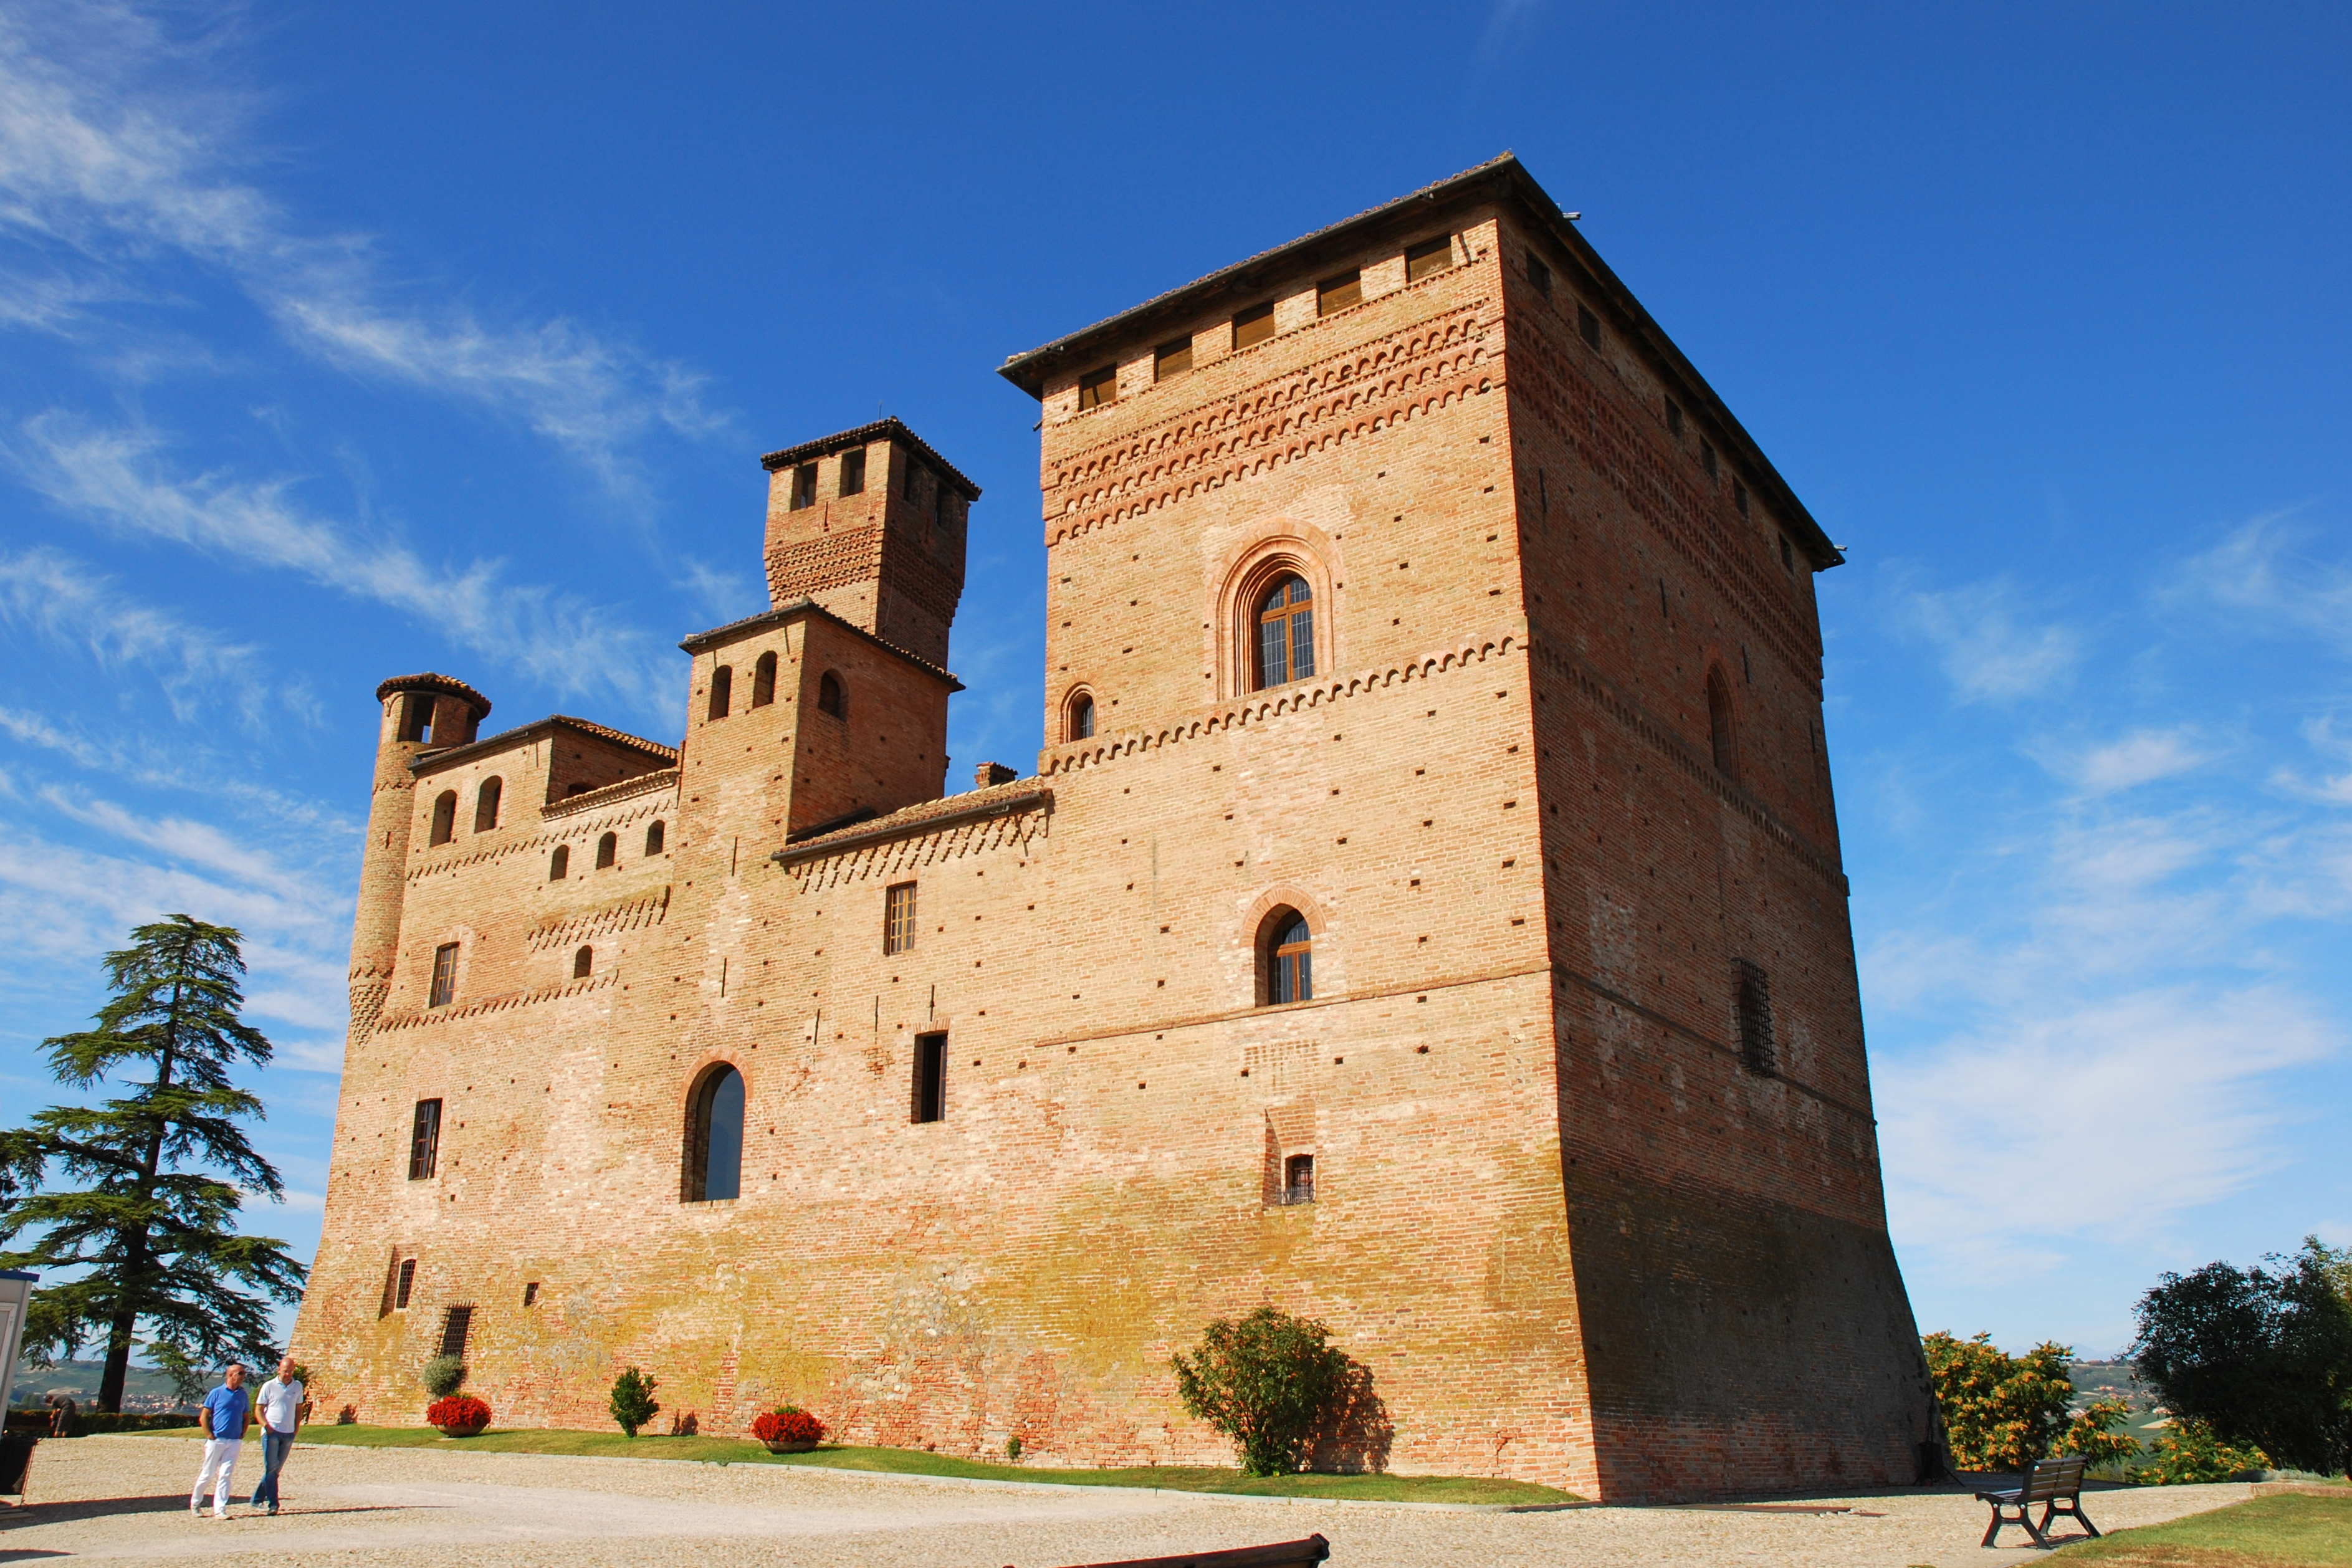 File:Castello di Grinzane Cavour.jpg - Wikimedia Commons